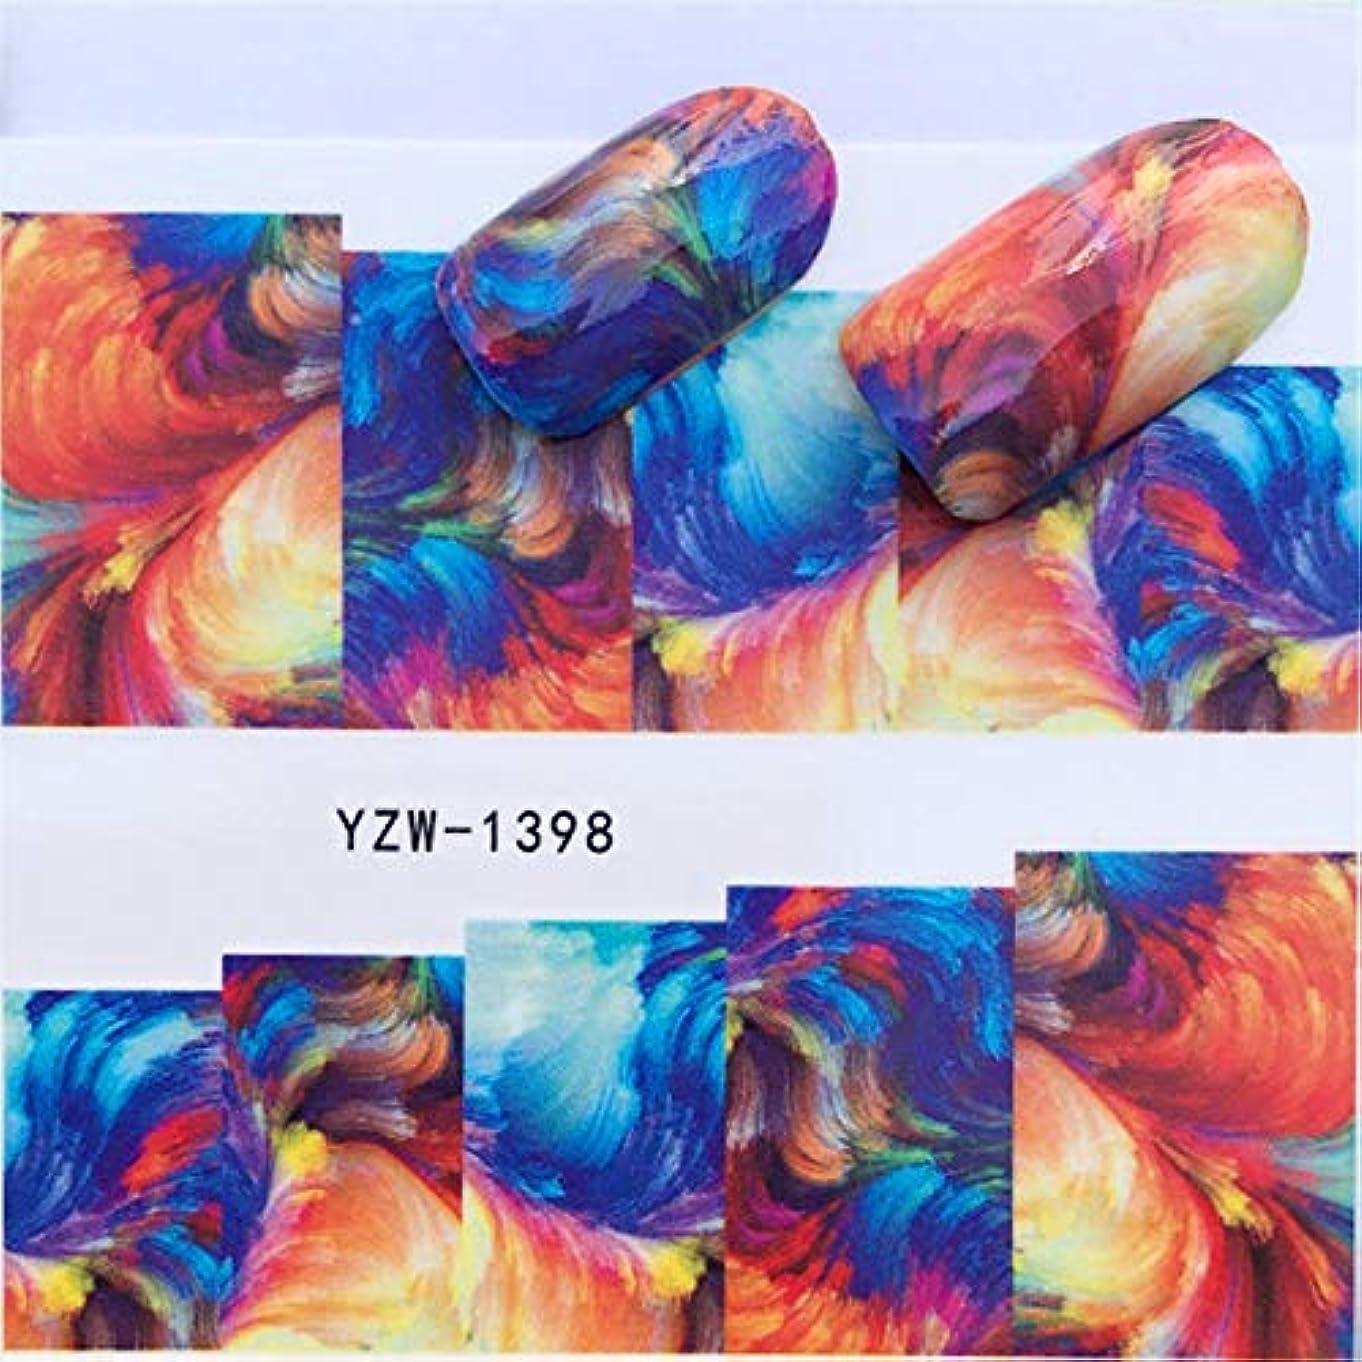 カウンタ巻き取り軍SUKTI&XIAO ネイルステッカー 1シートカラフルな水彩花Parttenネイルスライダーアート水転写ステッカーネイルアートデコレーションデカールマニキュア、Yzw-1398